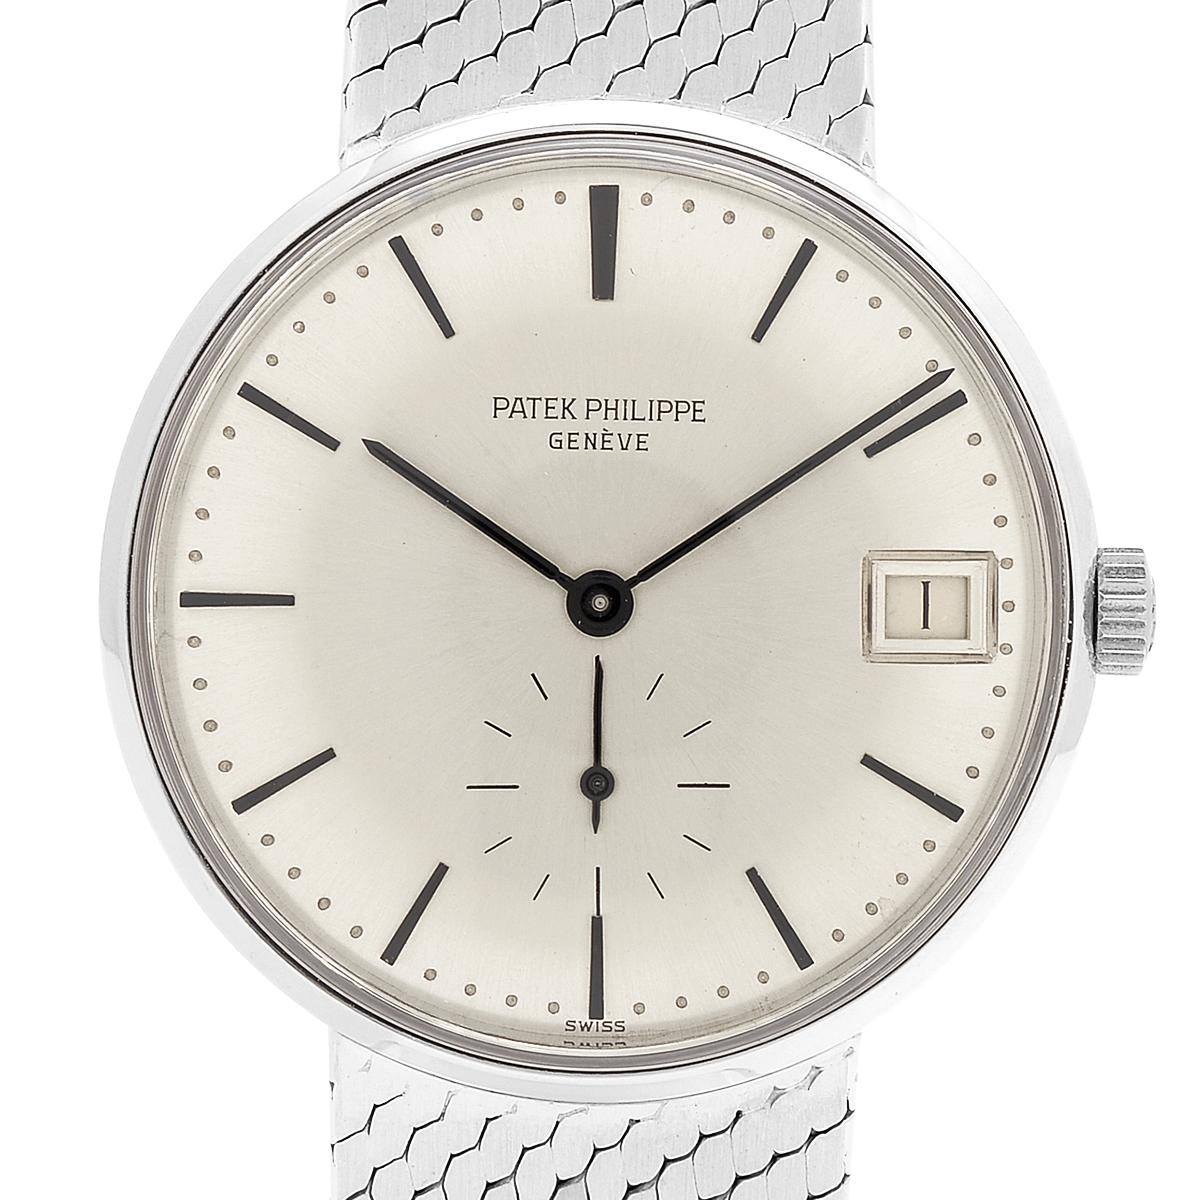 パテックフィリップ PATEK PHILIPPE カラトラバ 3514/4 腕時計 WG 自動巻き シルバー メンズ 【中古】